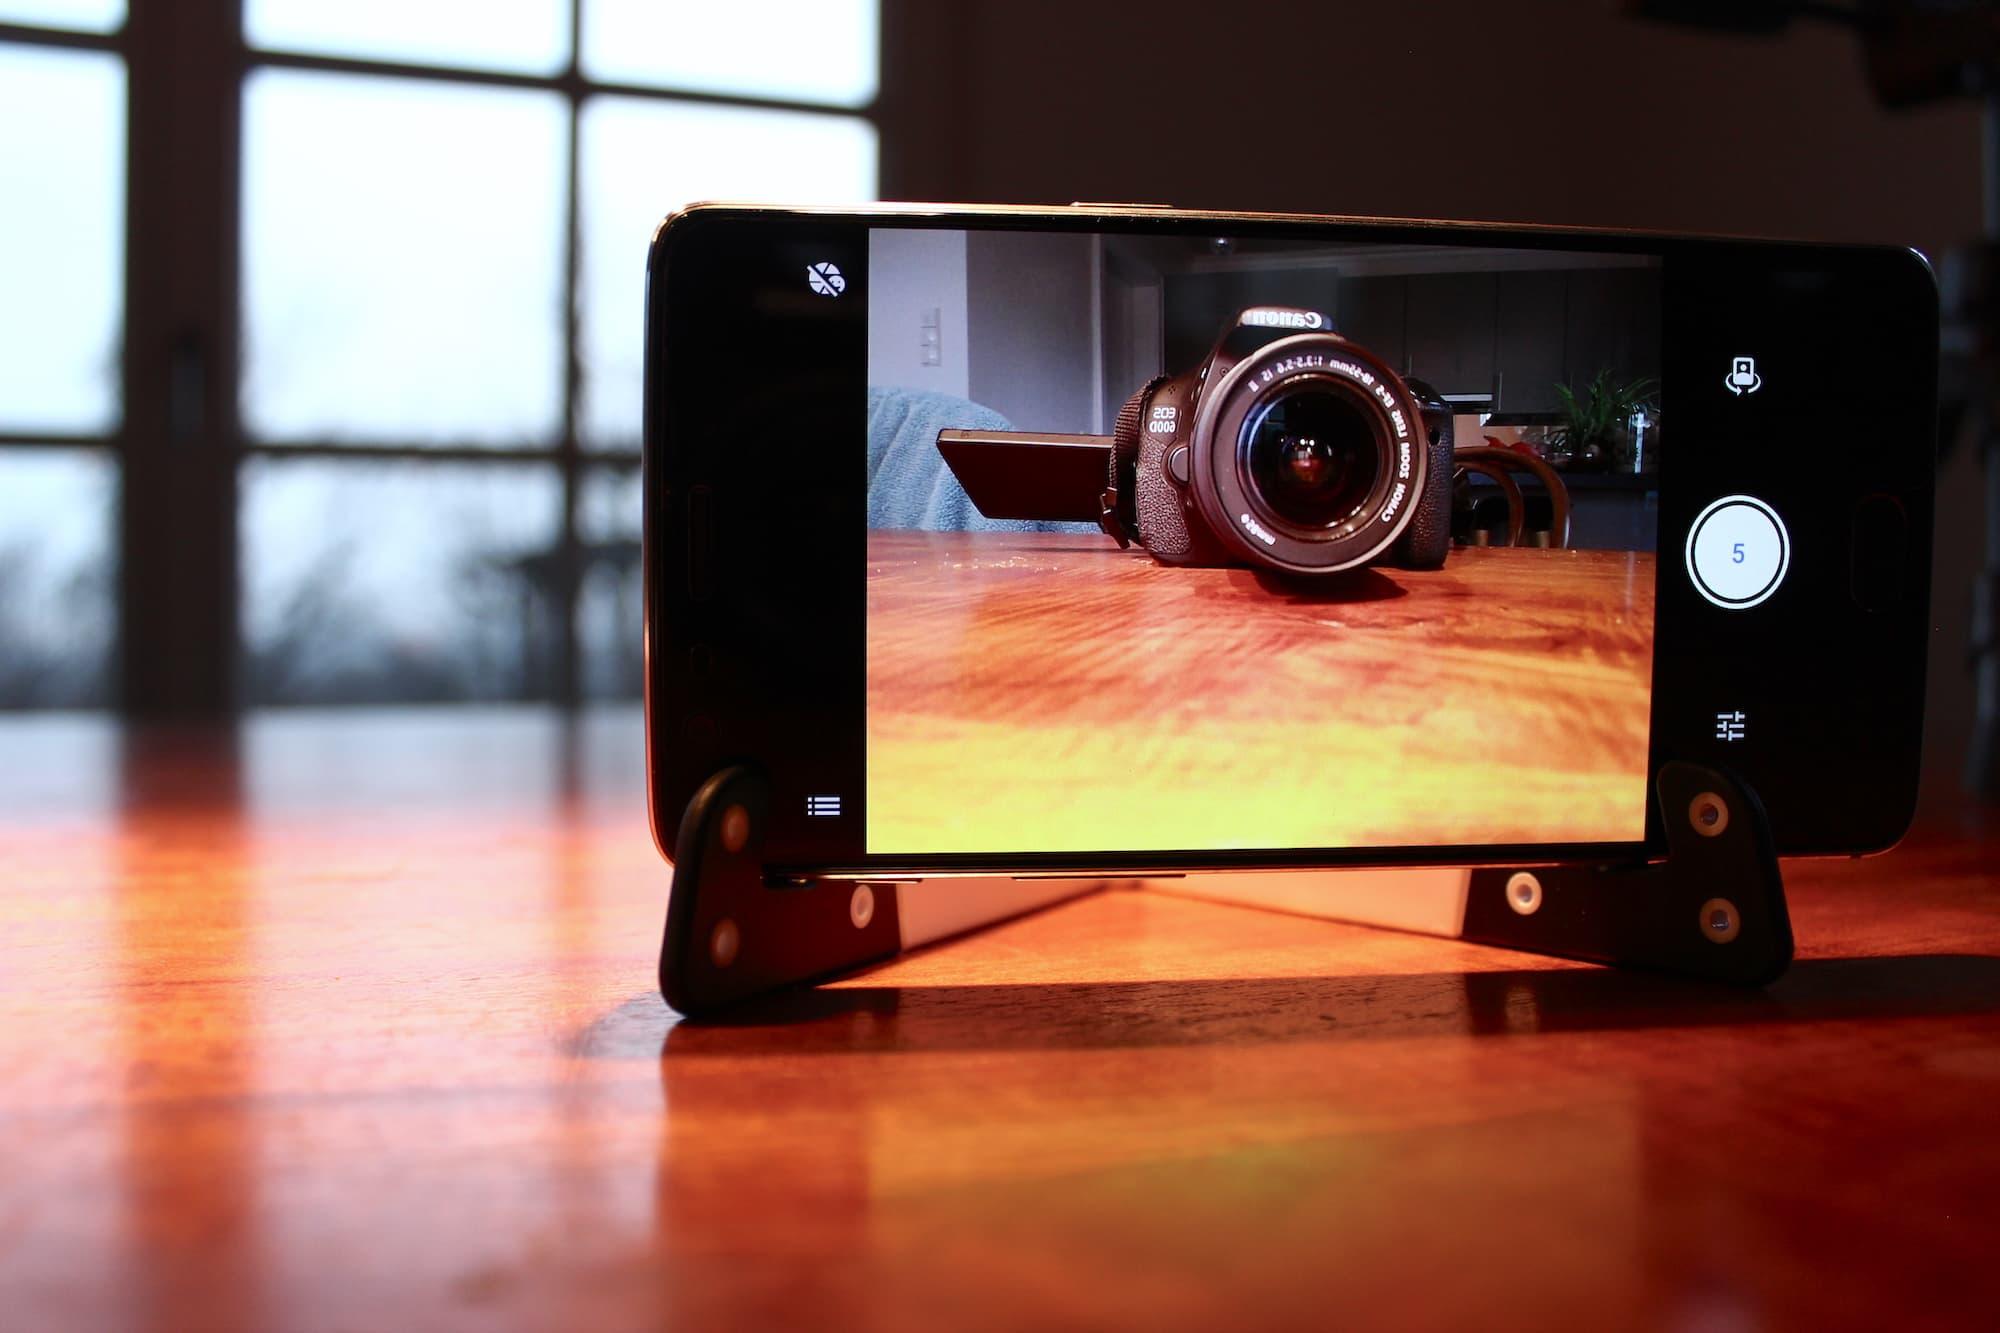 Die Frontkamera des OnePlus 3T löst mit 16MP auf.